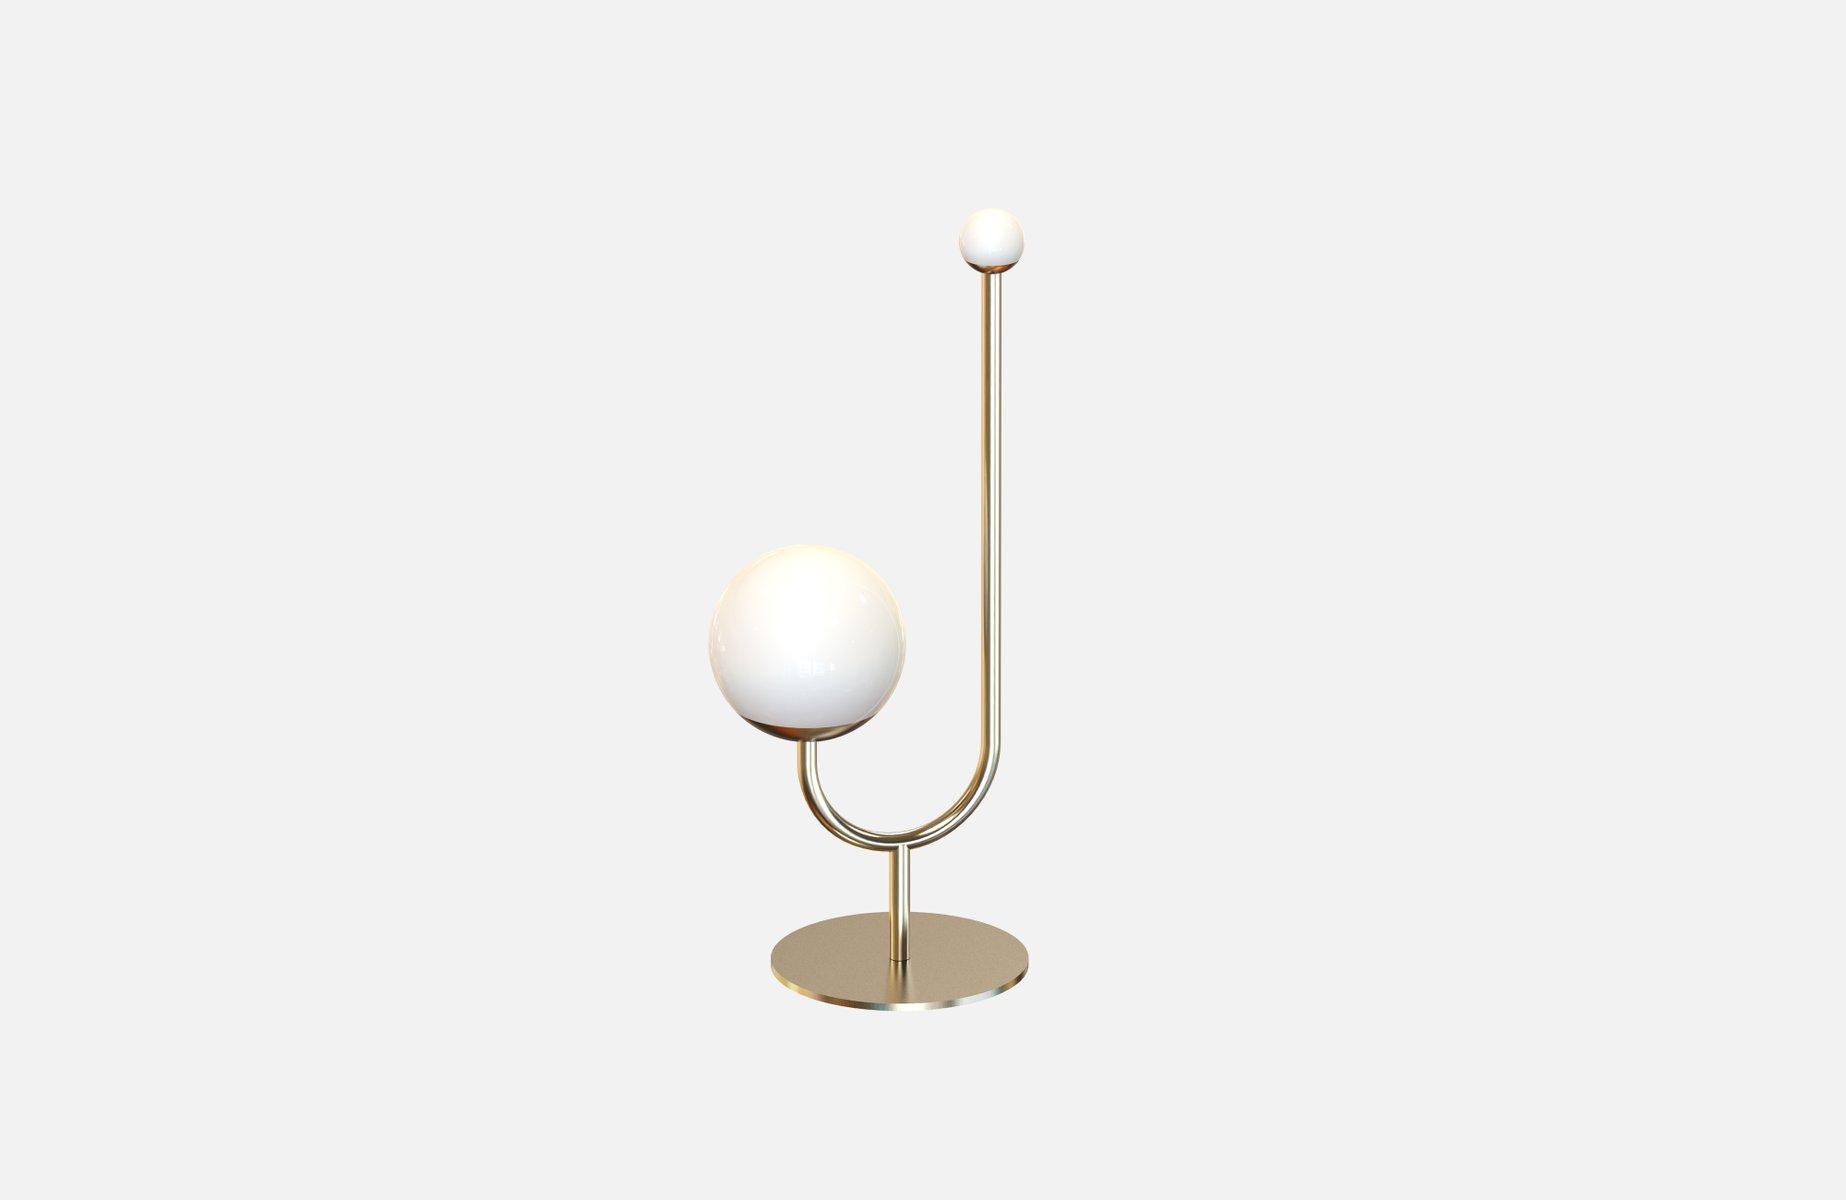 REACH Tischlampe von Alex Baser für MIIST